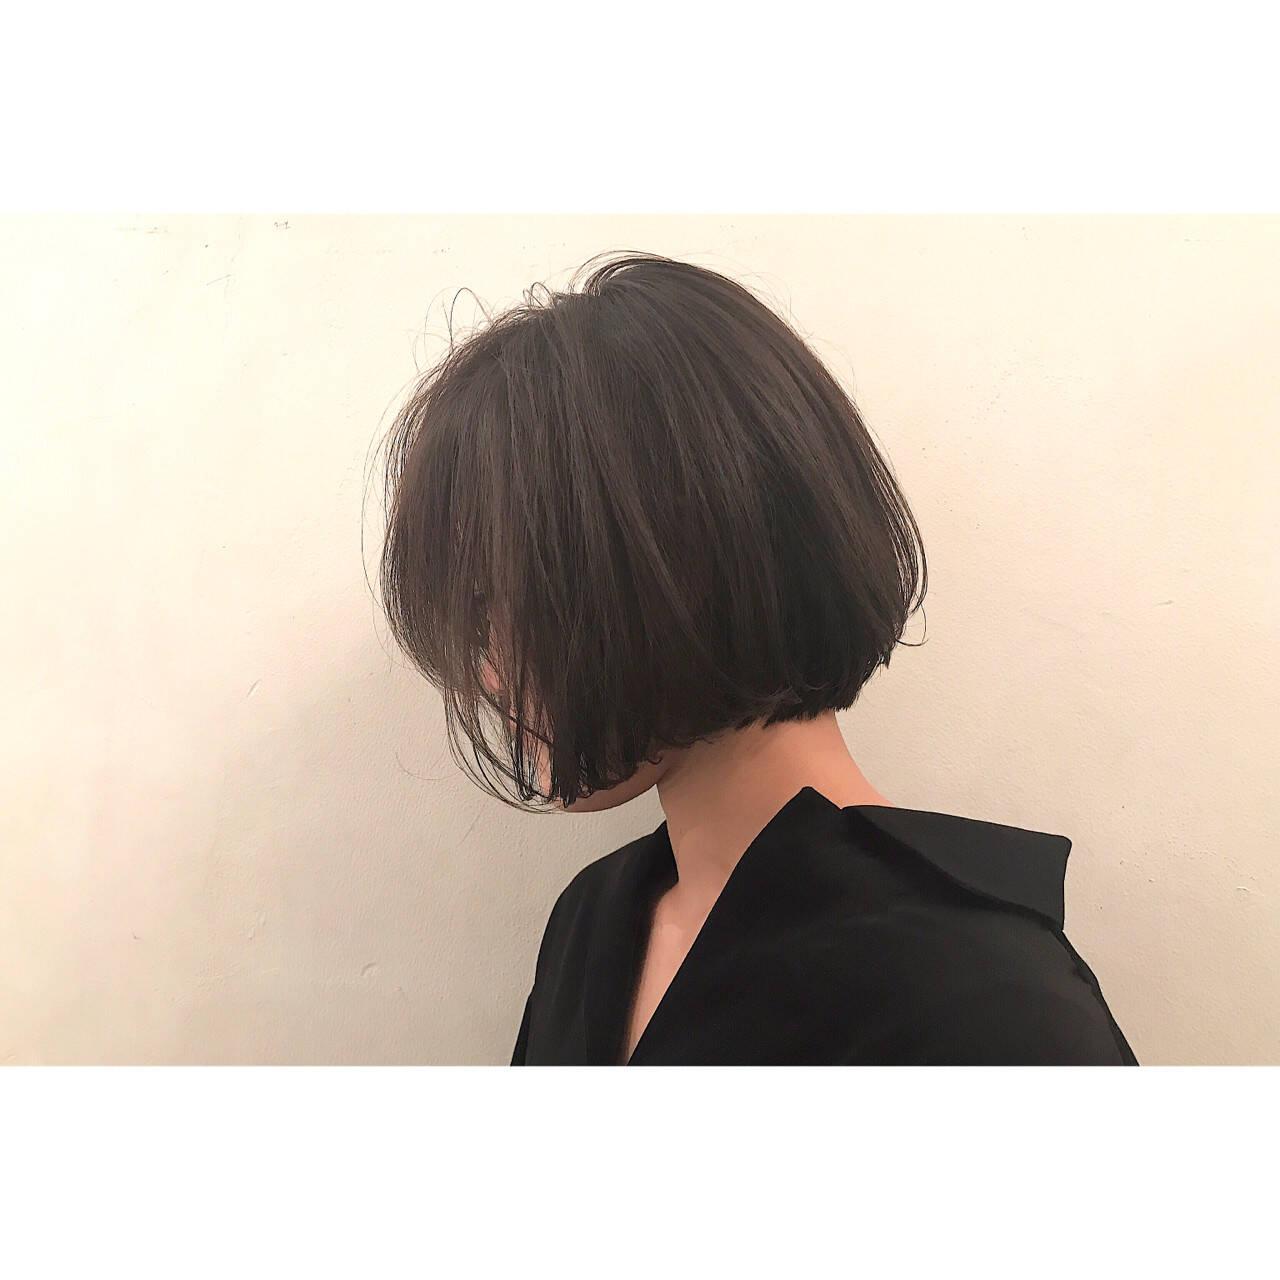 色気 ボブ ワンレングス ニュアンスヘアスタイルや髪型の写真・画像